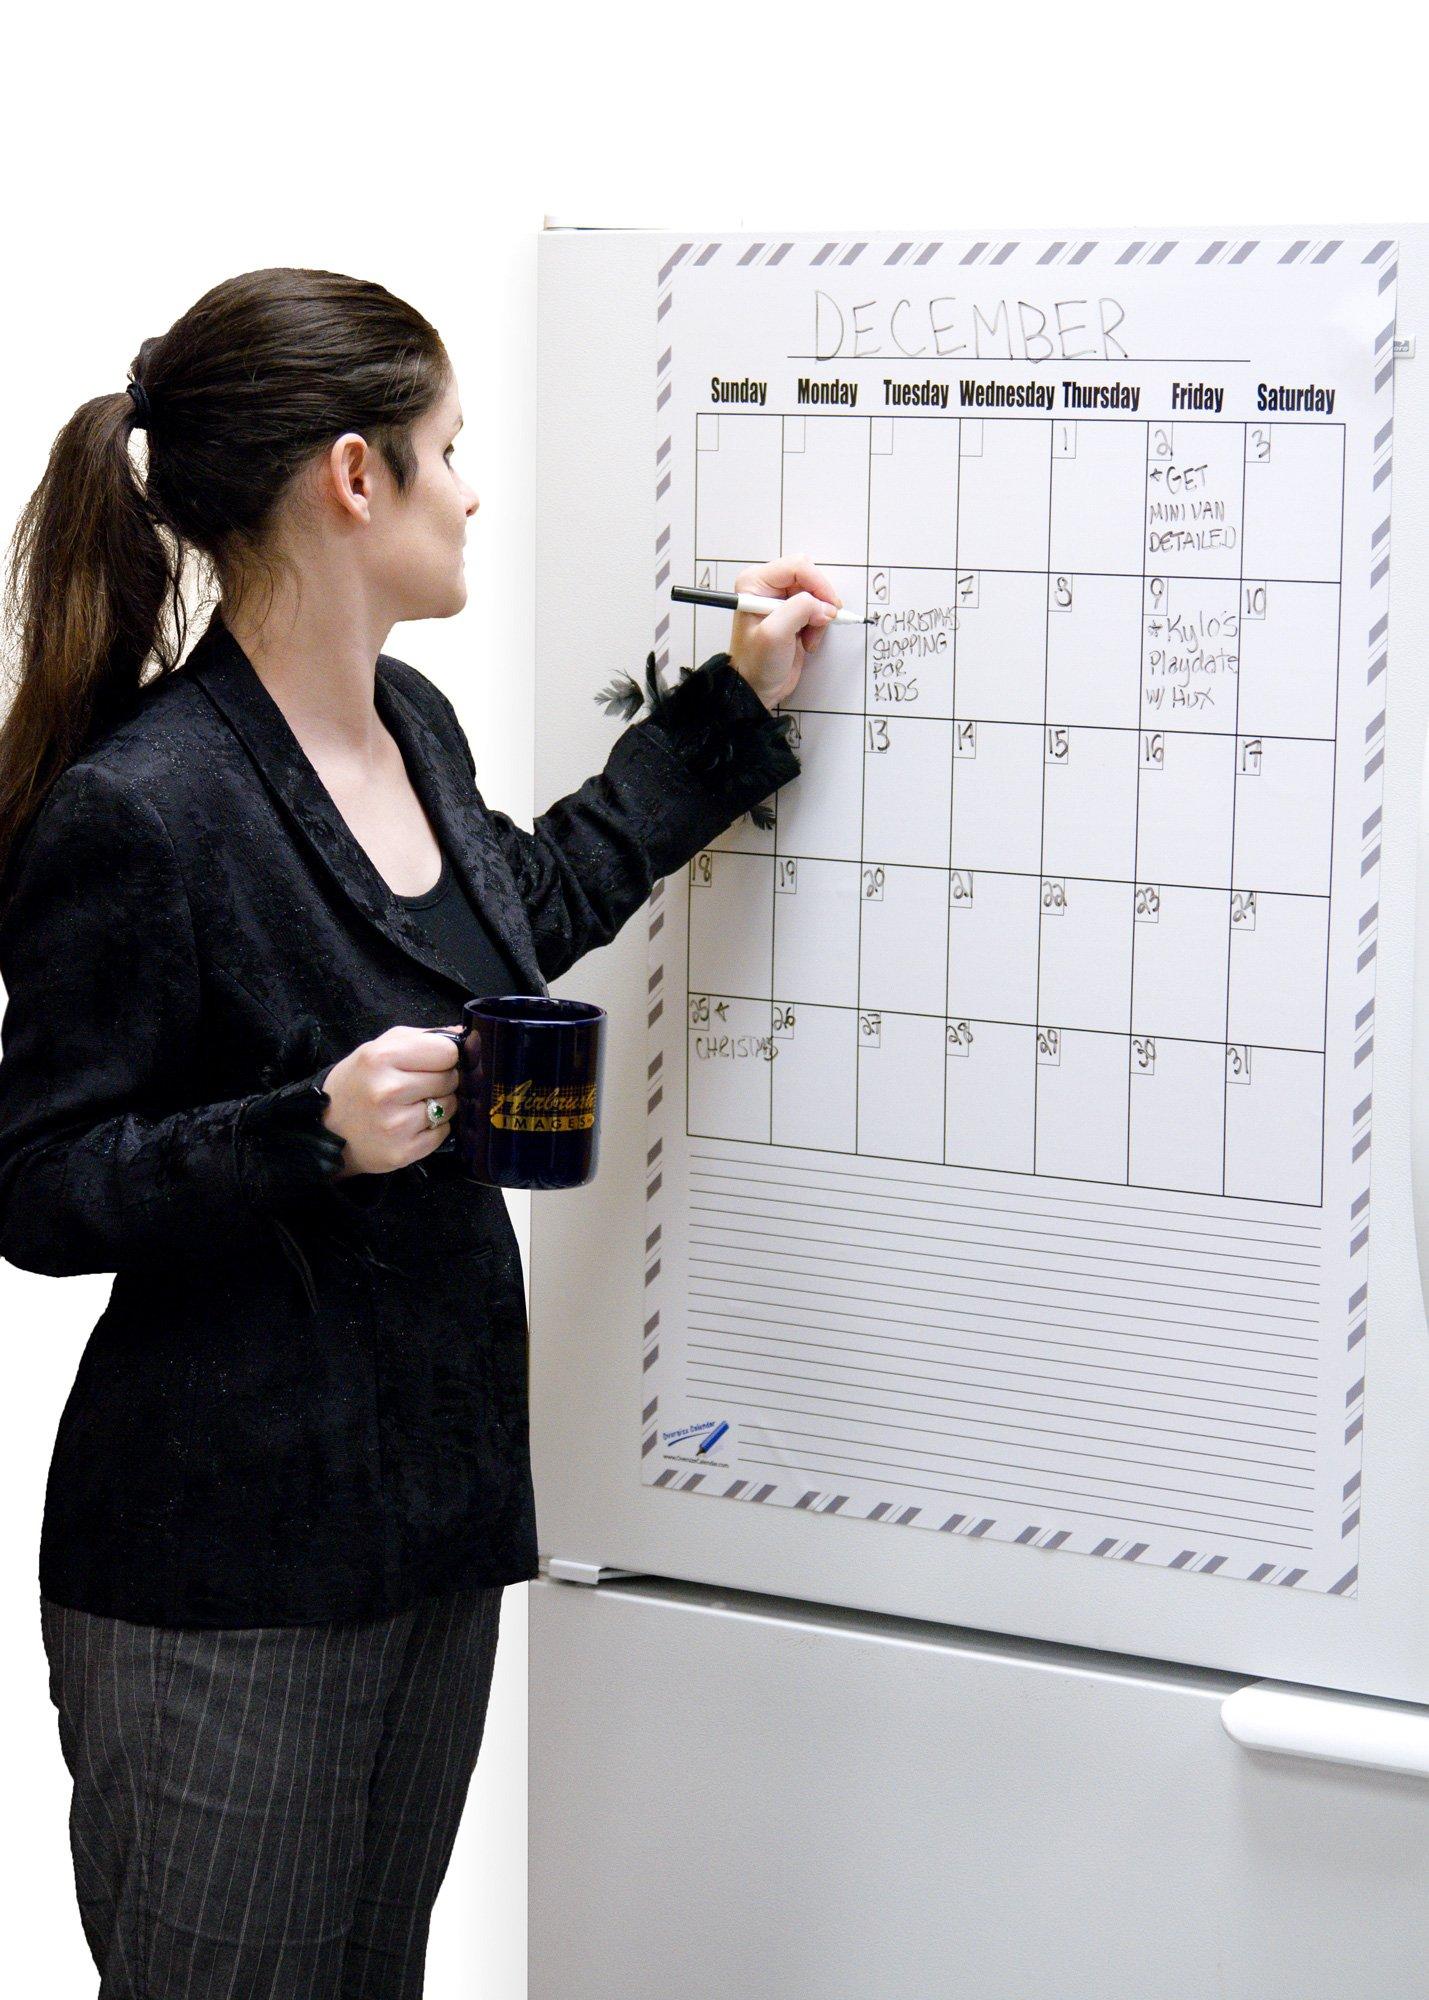 Giant White Board Dry Erase Calendar Magnet - 36 x 24 Big Magnetic Dry Erase Board Calendar - Monthly Magnetic Calendar Office Products - Magnet Calendar For Fridge